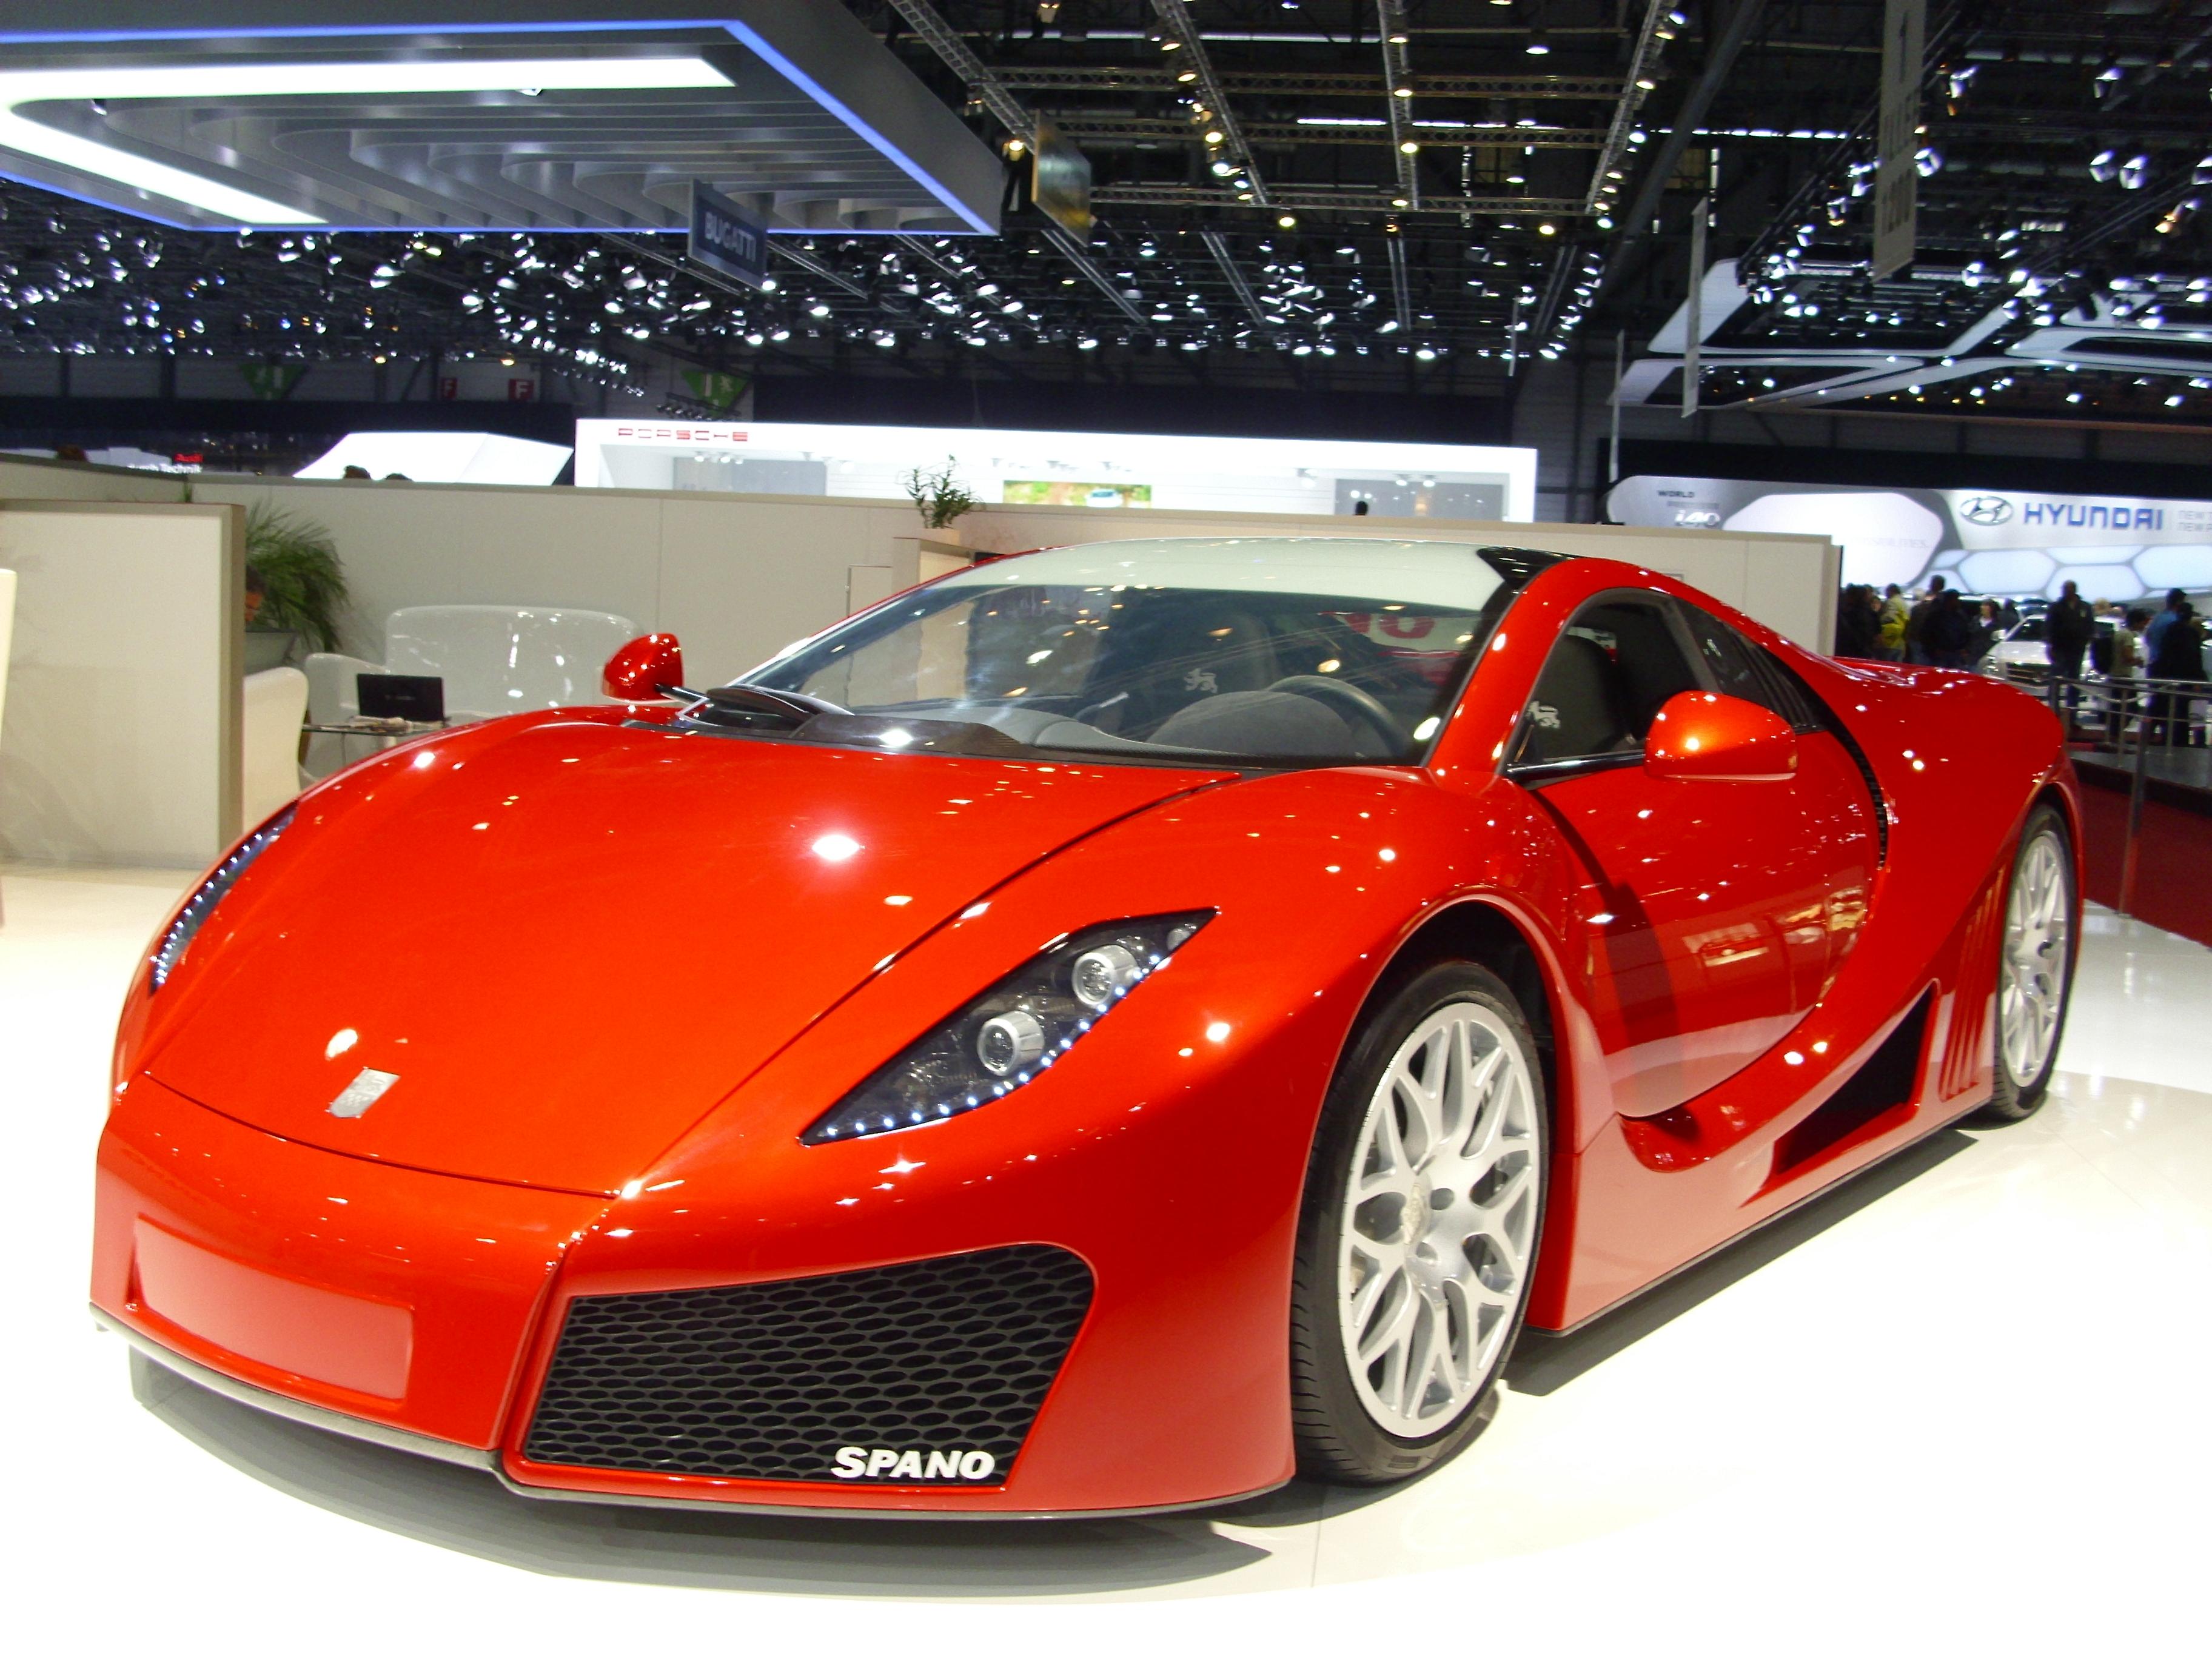 hypercar spagnola GTA Spano